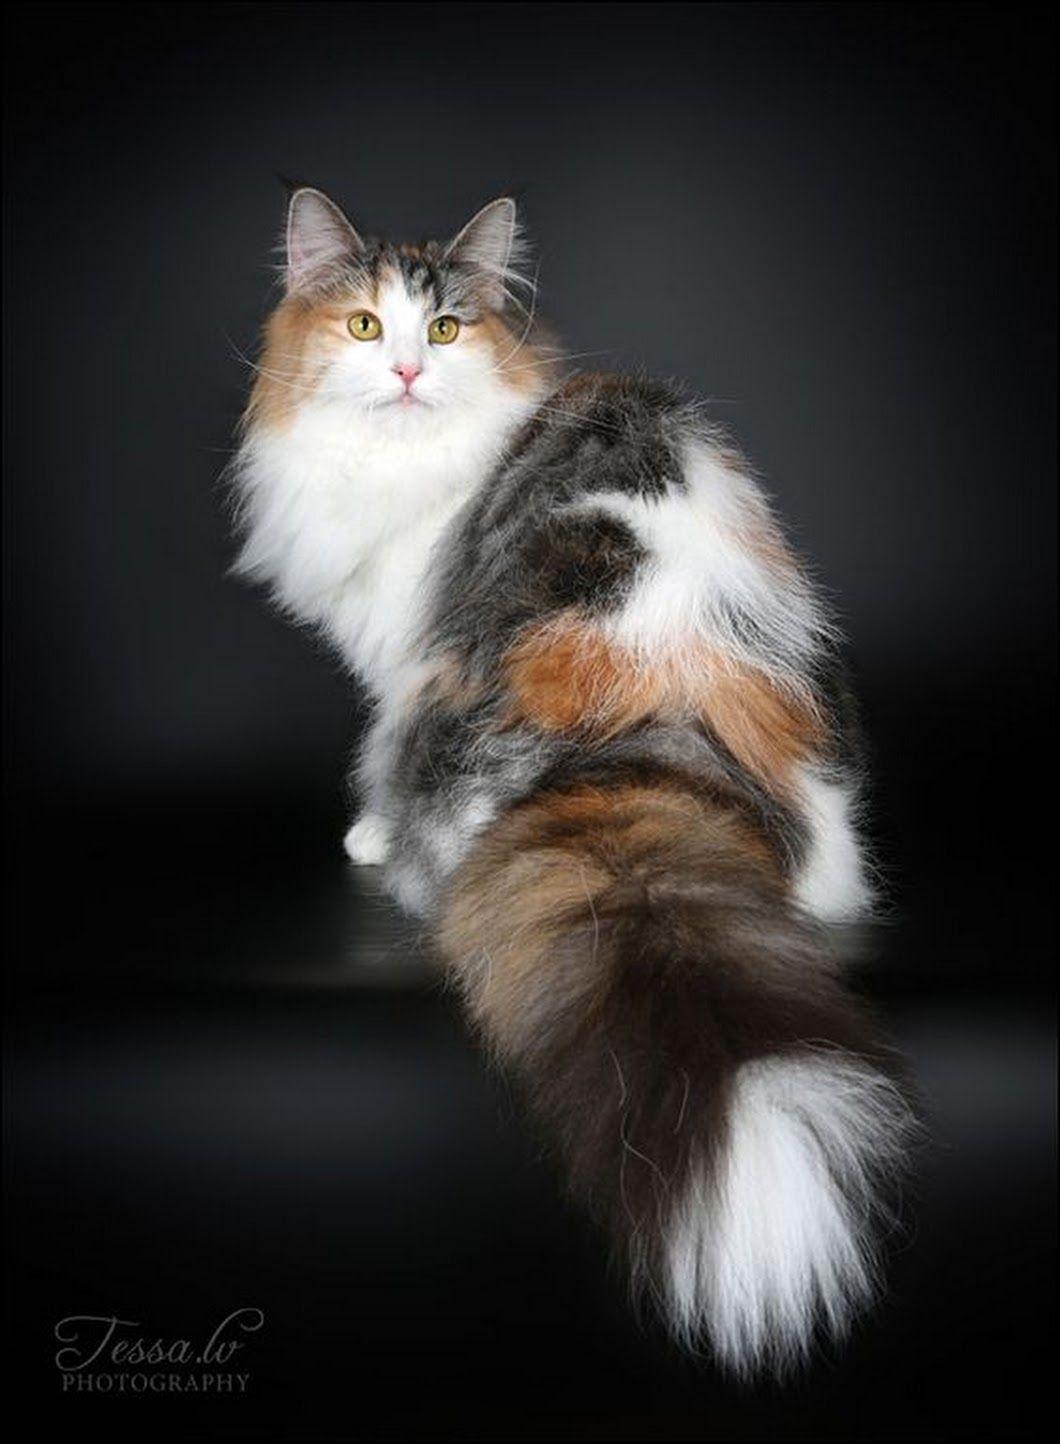 long hair calico かわいい子猫, 美しい猫, ノルウェージャンフォレストキャット